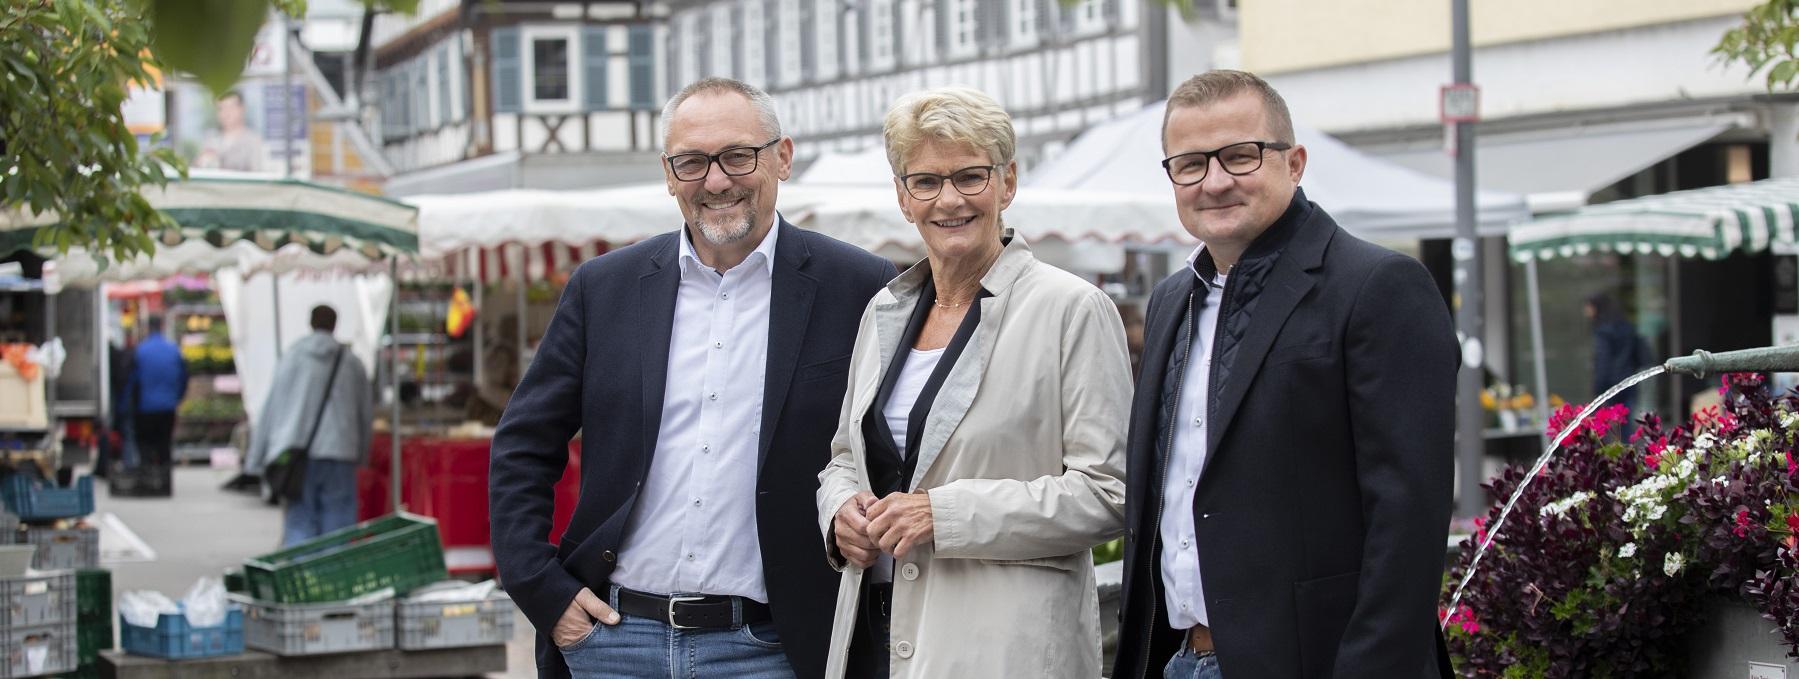 Die Verwaltungsspitze der Stadt Kirchheim unter Teck auf dem Kirchheimer Wochenmarkt. Von links nach rechts sind der Erste Bürgermeister Günter Riemer, Oberbürgermeisterin Angelika Matt-Heidecker und Bürgermeister Stefan Wörner zu sehen.